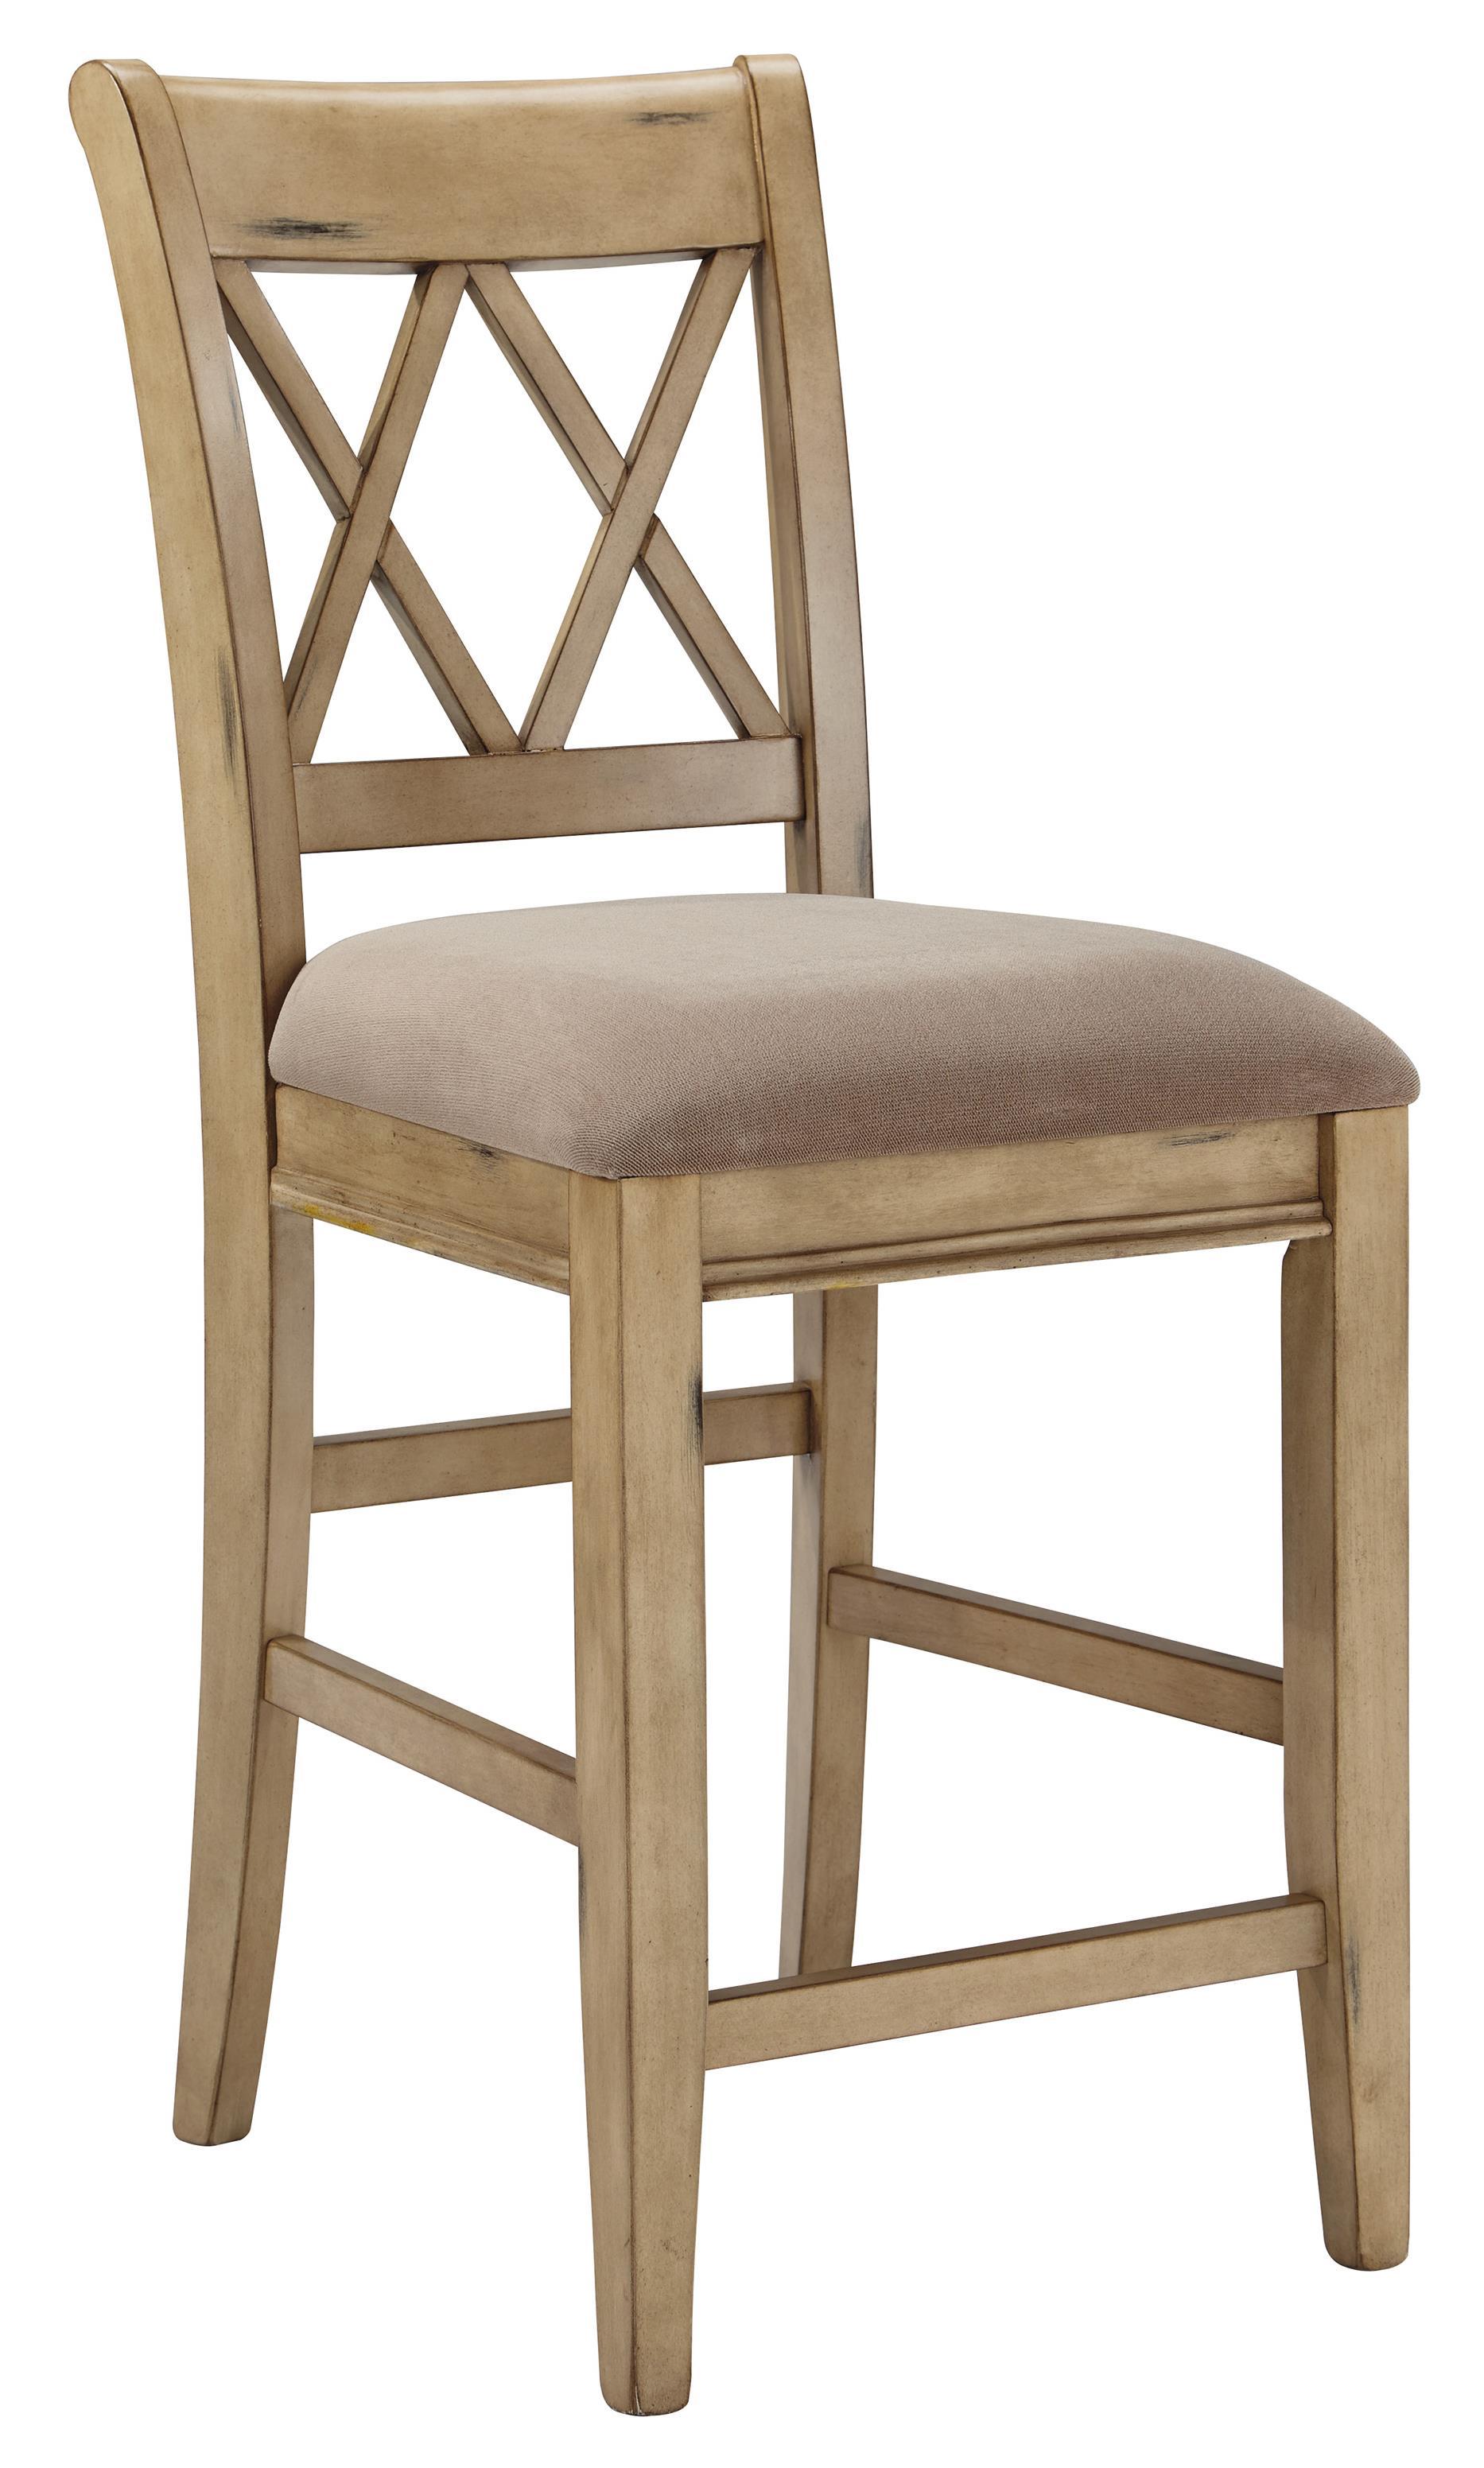 Signature Design by Ashley Mestler Upholstered Barstool - Item Number: D540-224